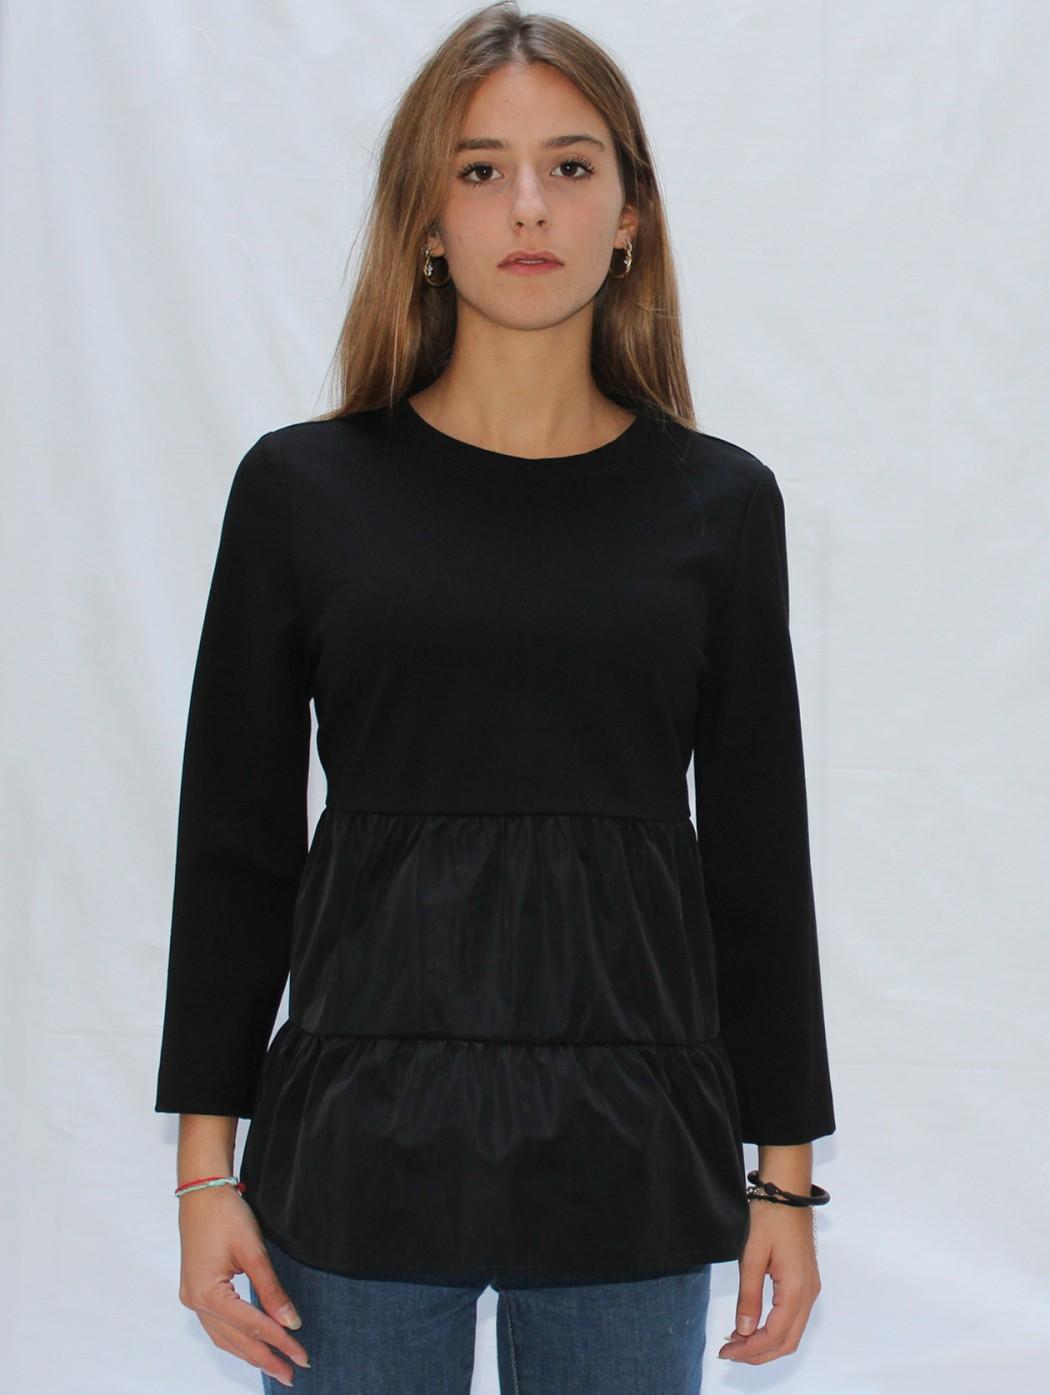 Maglia blusa casacca nera...